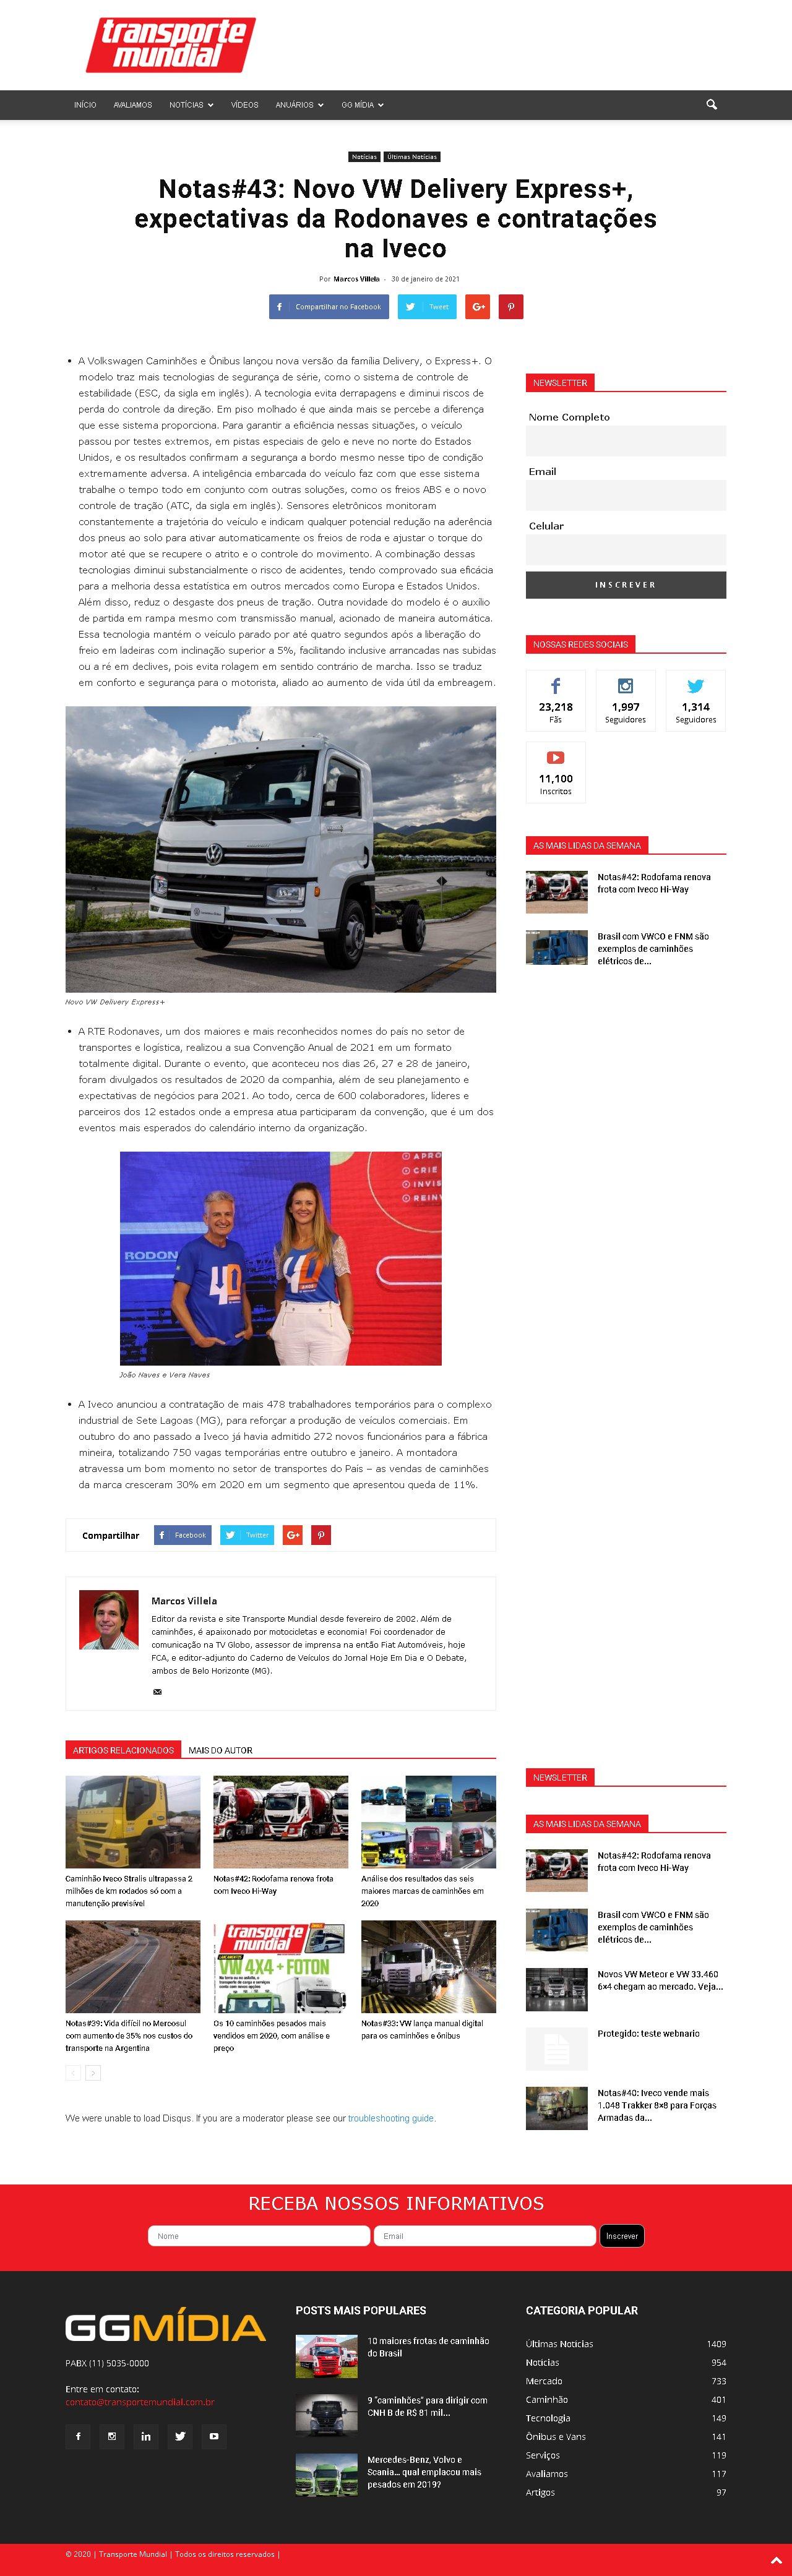 Notas#43: Novo VW Delivery Express+, expectativas da Rodonaves e contratações na Iveco - Transporte Mundial